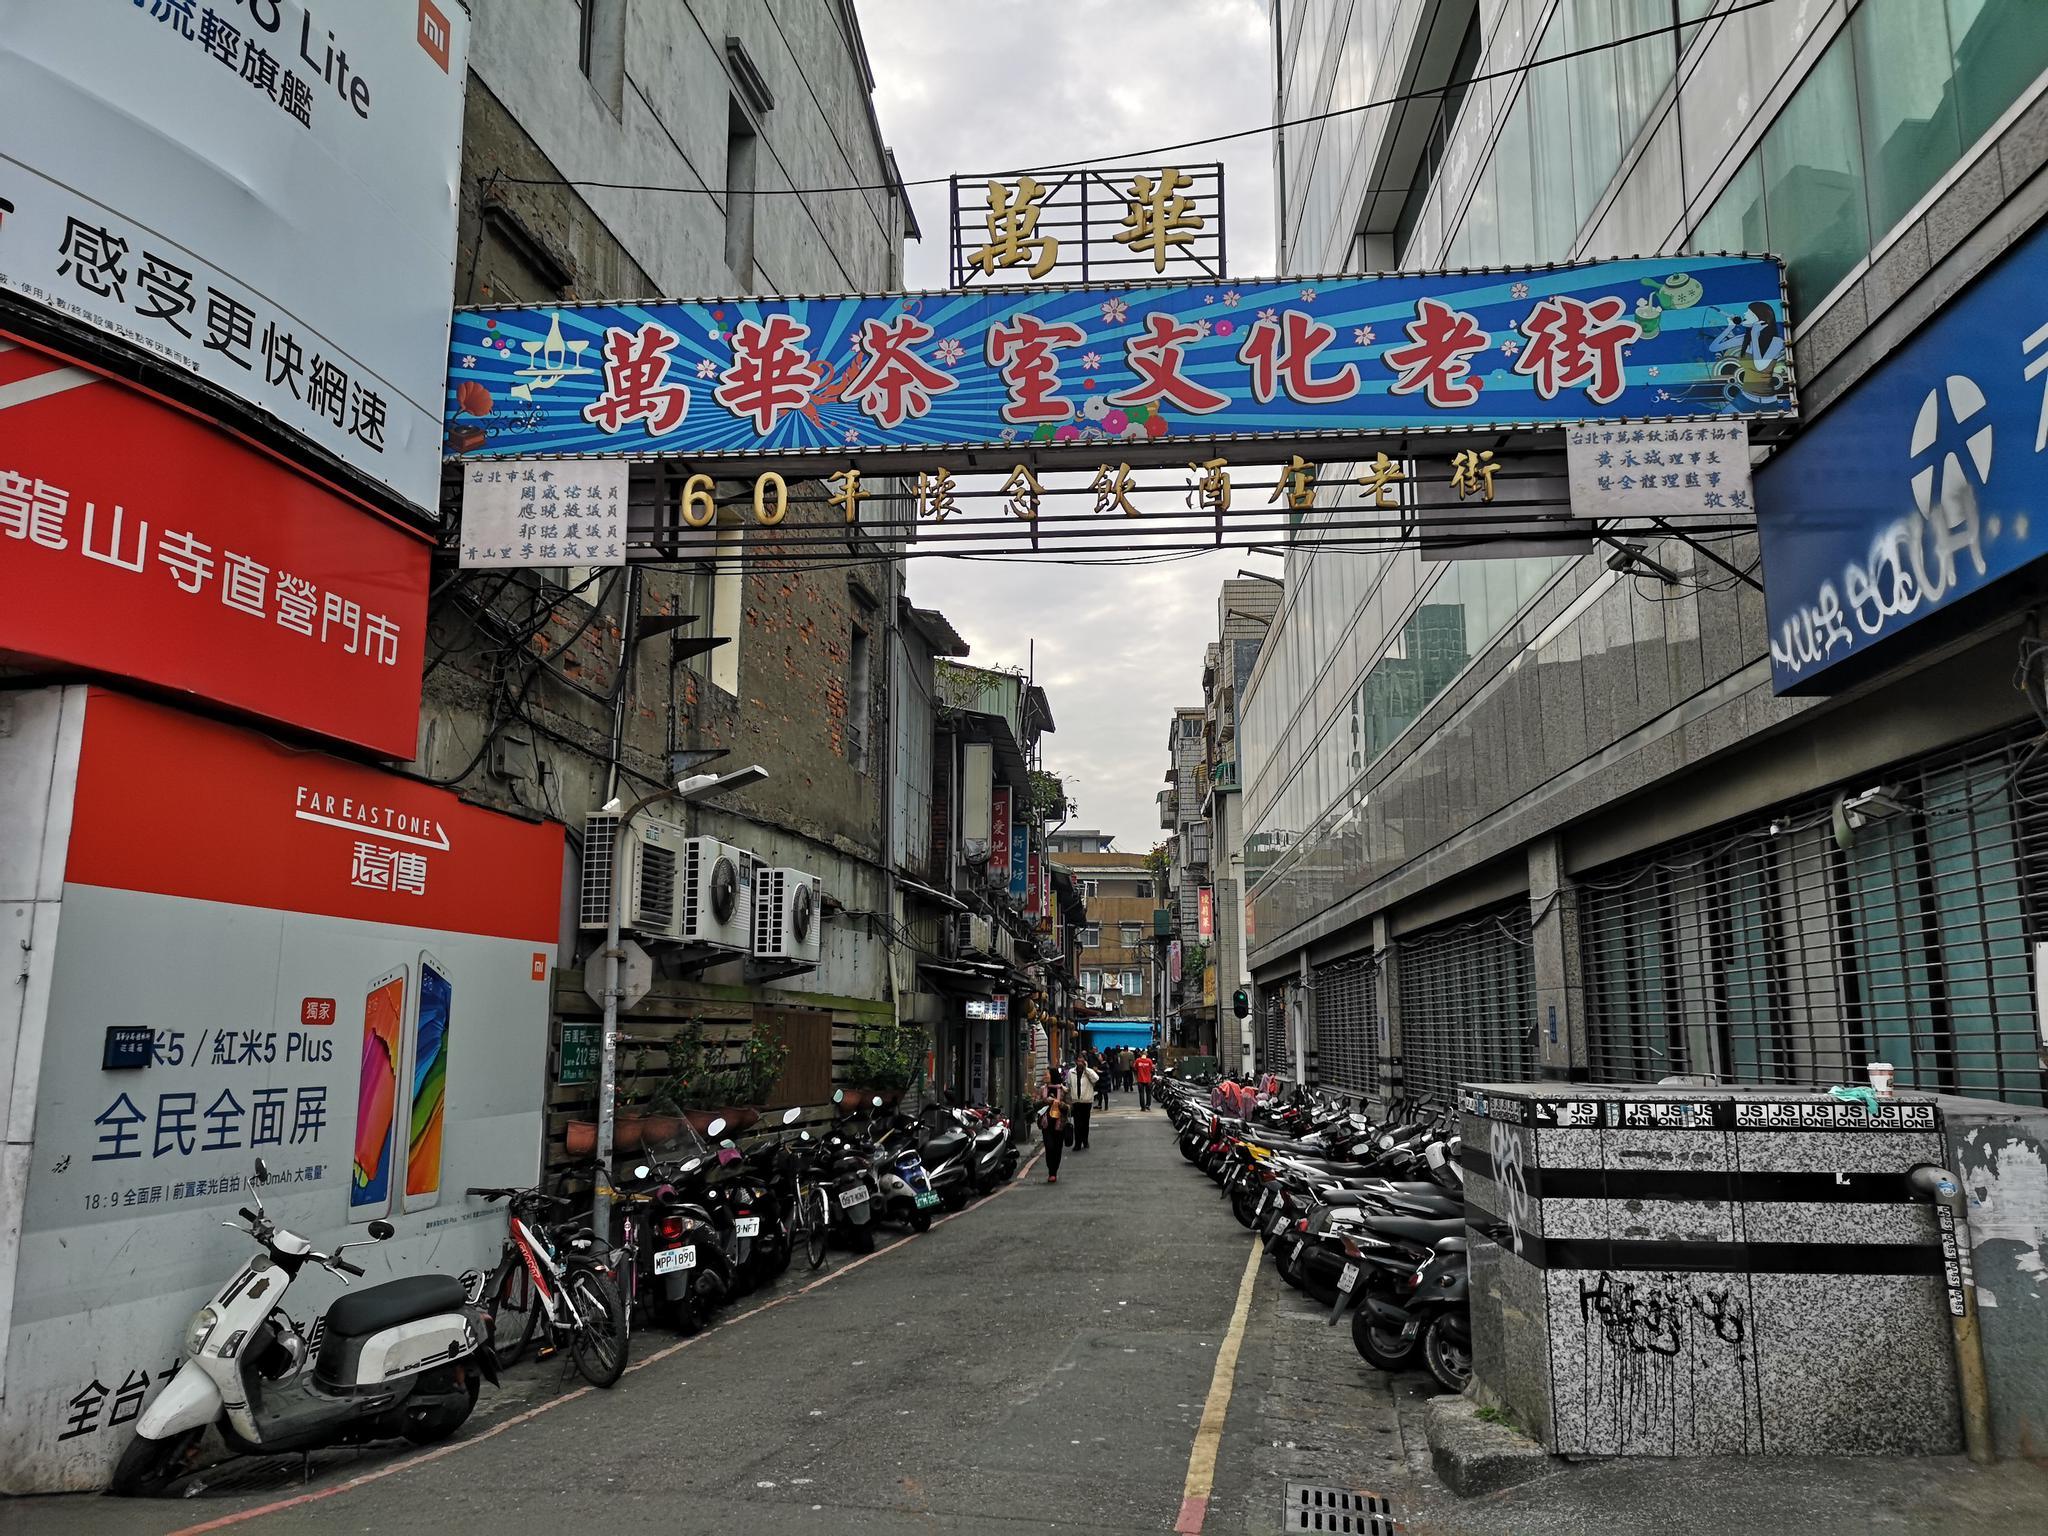 台湾暴聚集性感染 首例确诊者曾前往涉黄场所聚餐